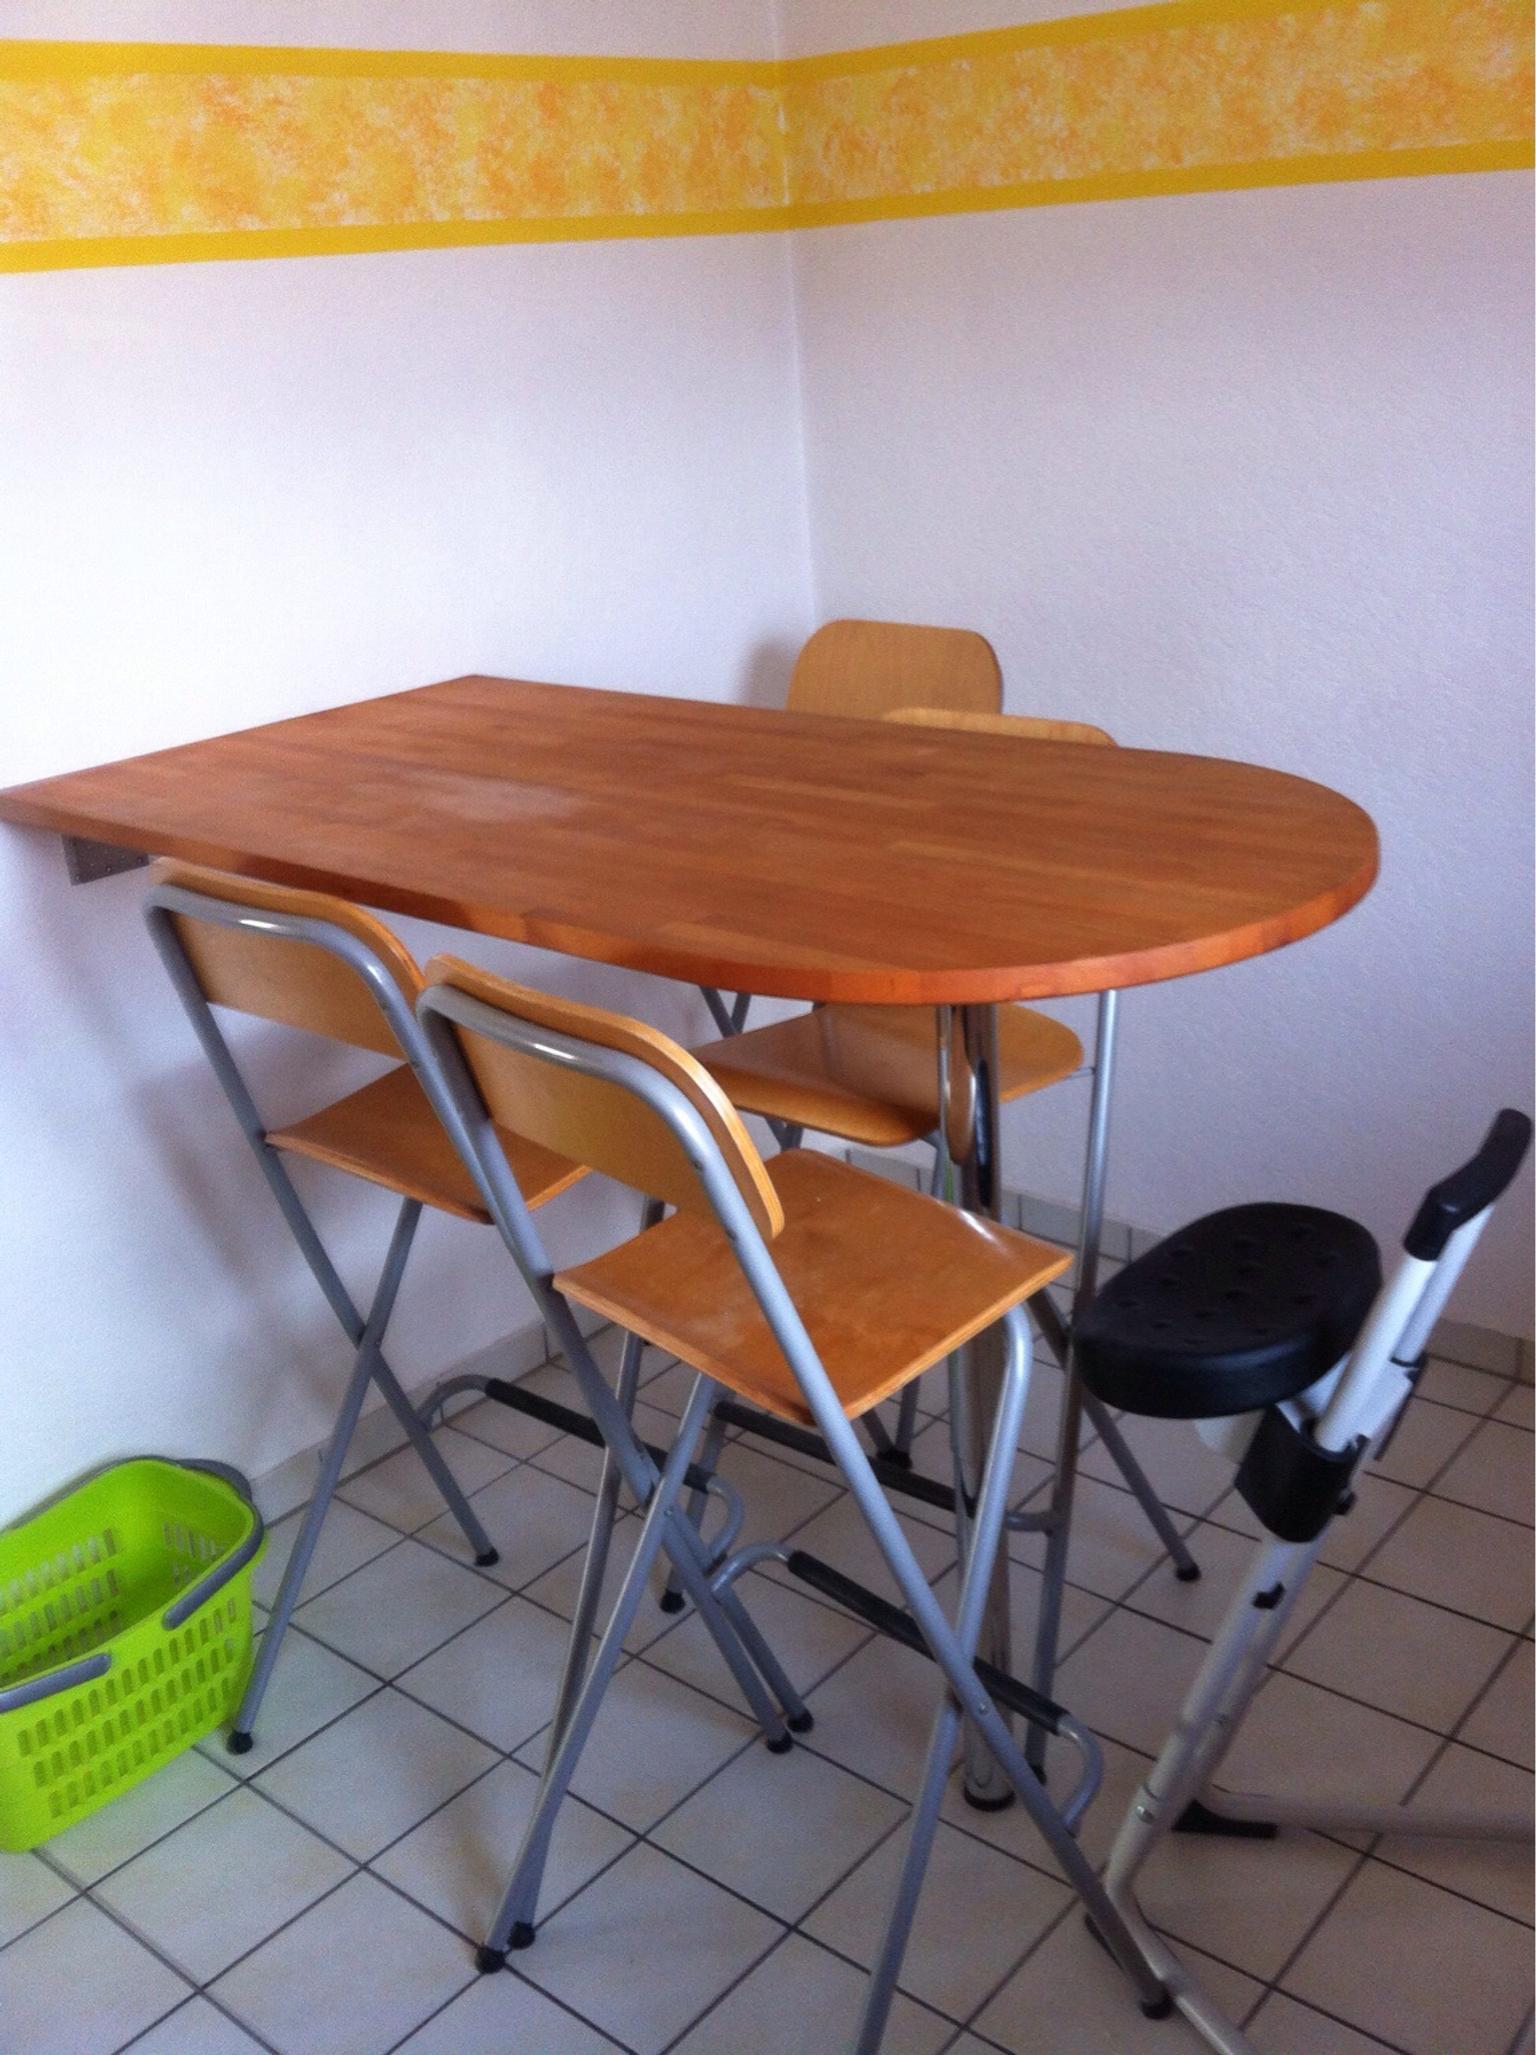 Gebraucht Thekentisch Küchentisch mit 4 Stühlen in 76571 Gaggenau um u20ac 30 00 u2013 Shpock